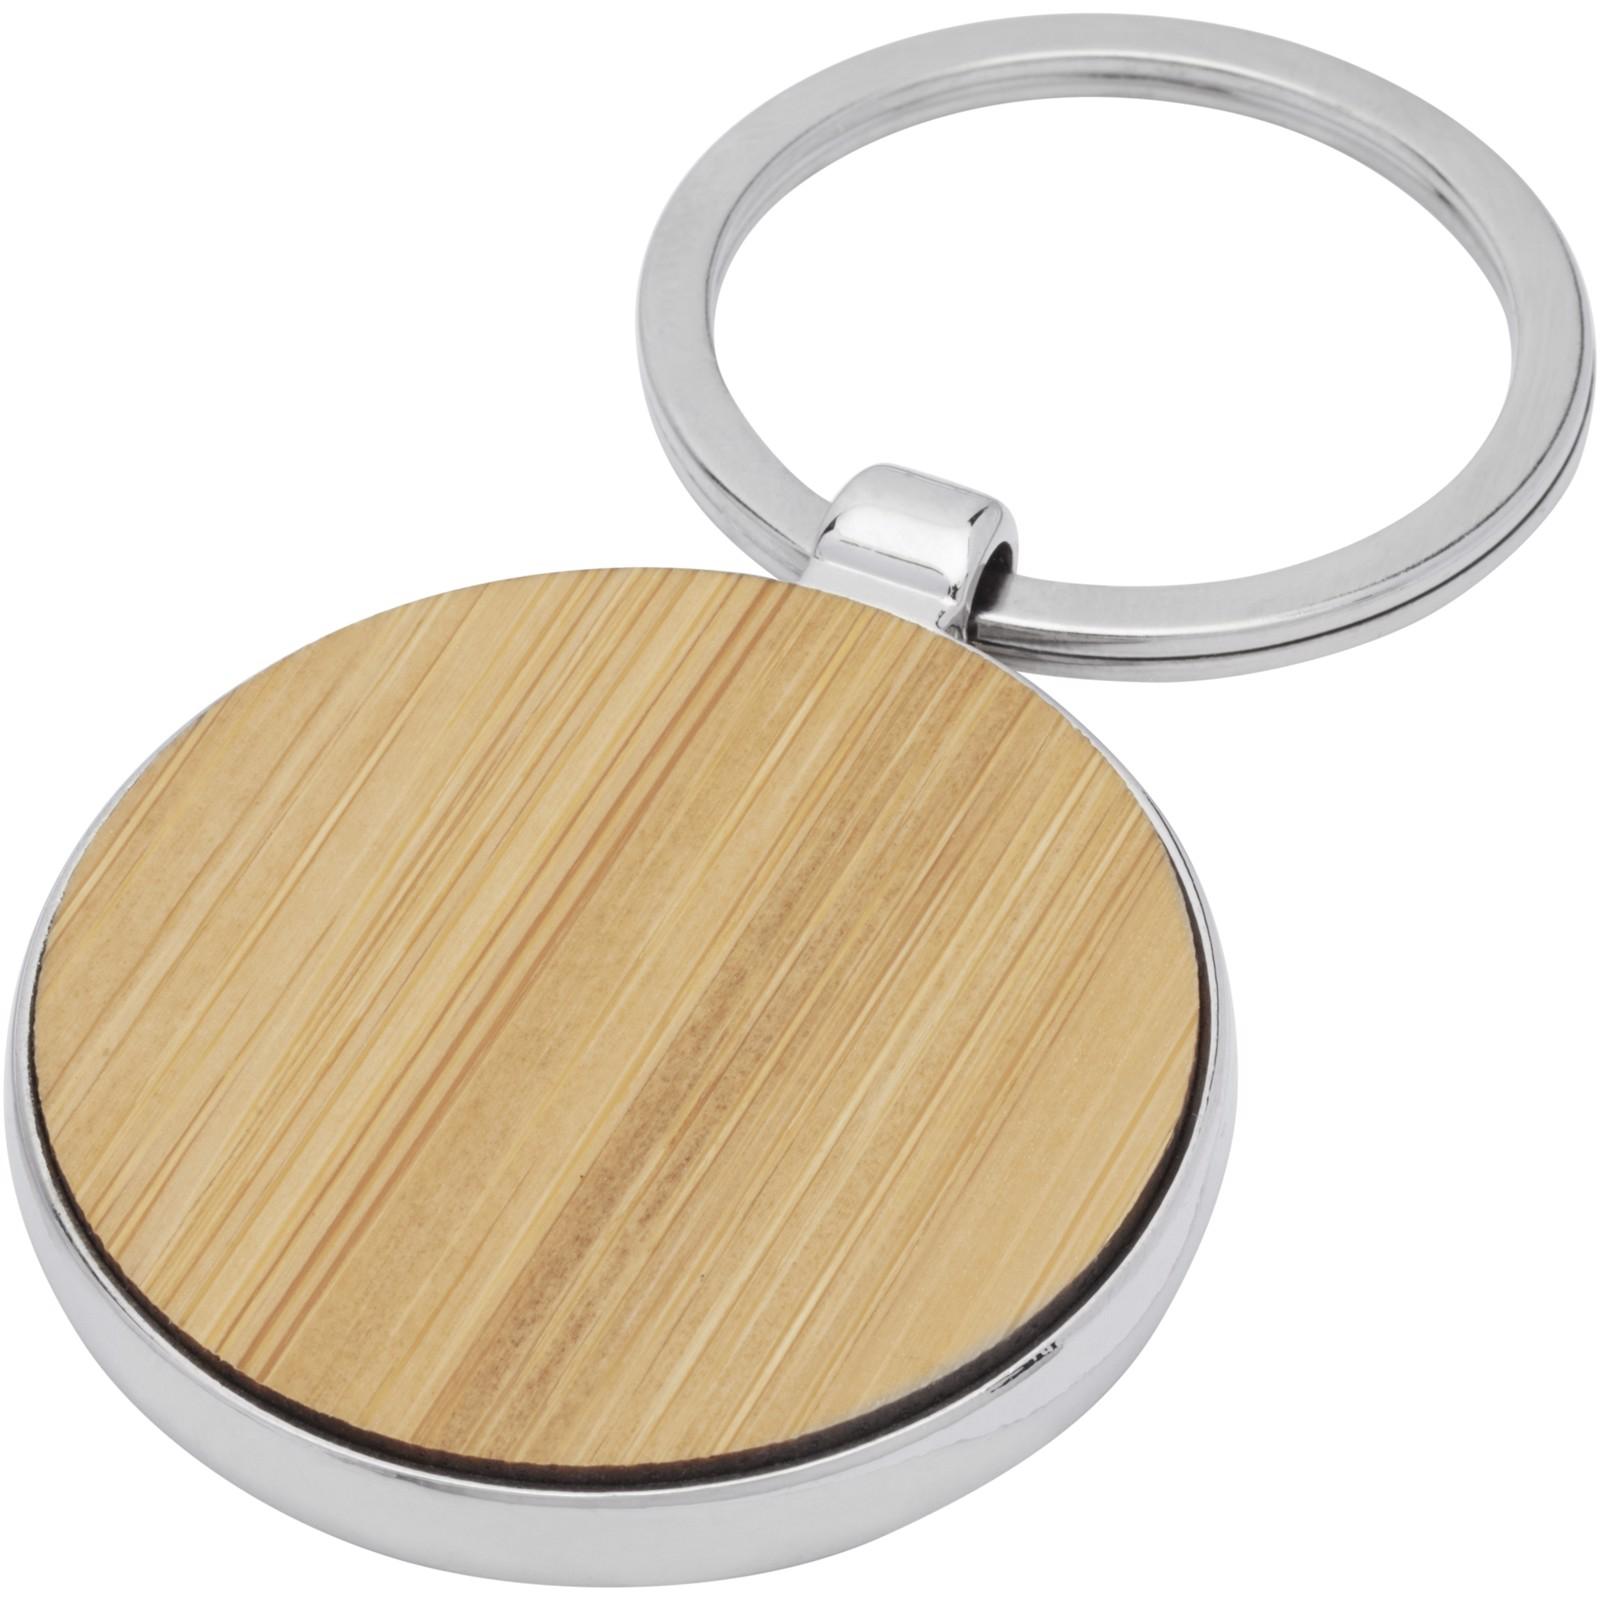 Nino bambusová kruhová klíčenka